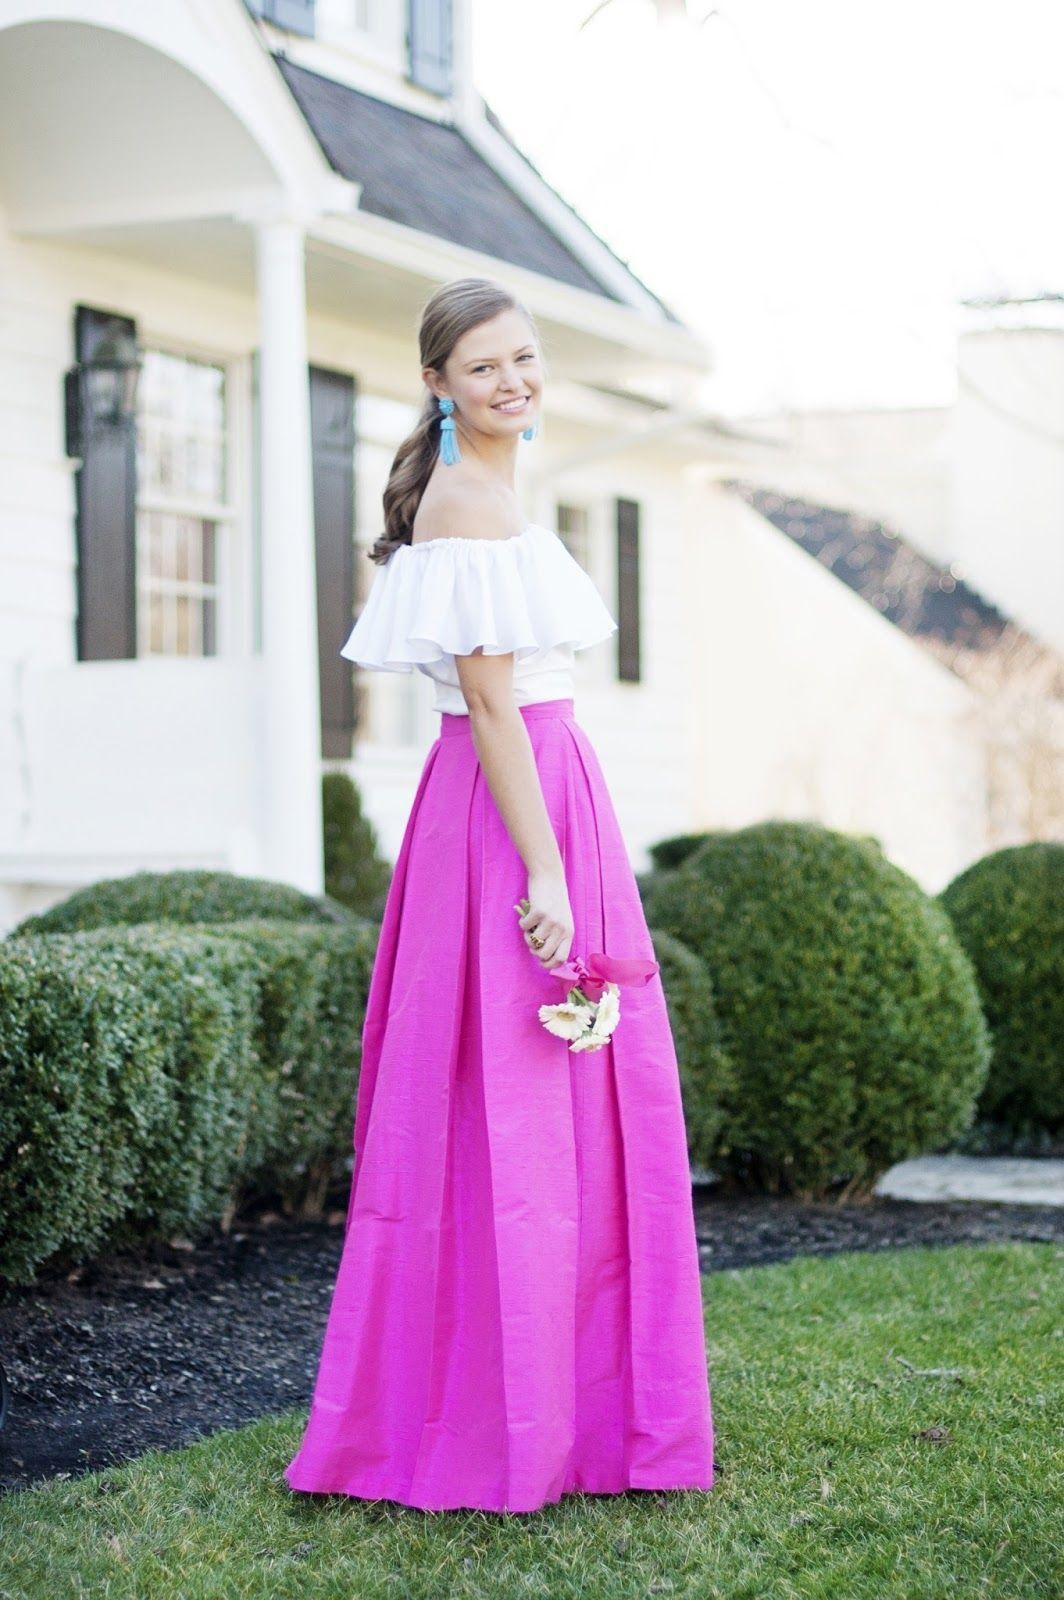 Pin de Gabie Miller en Clothes | Pinterest | Falda y Ropa